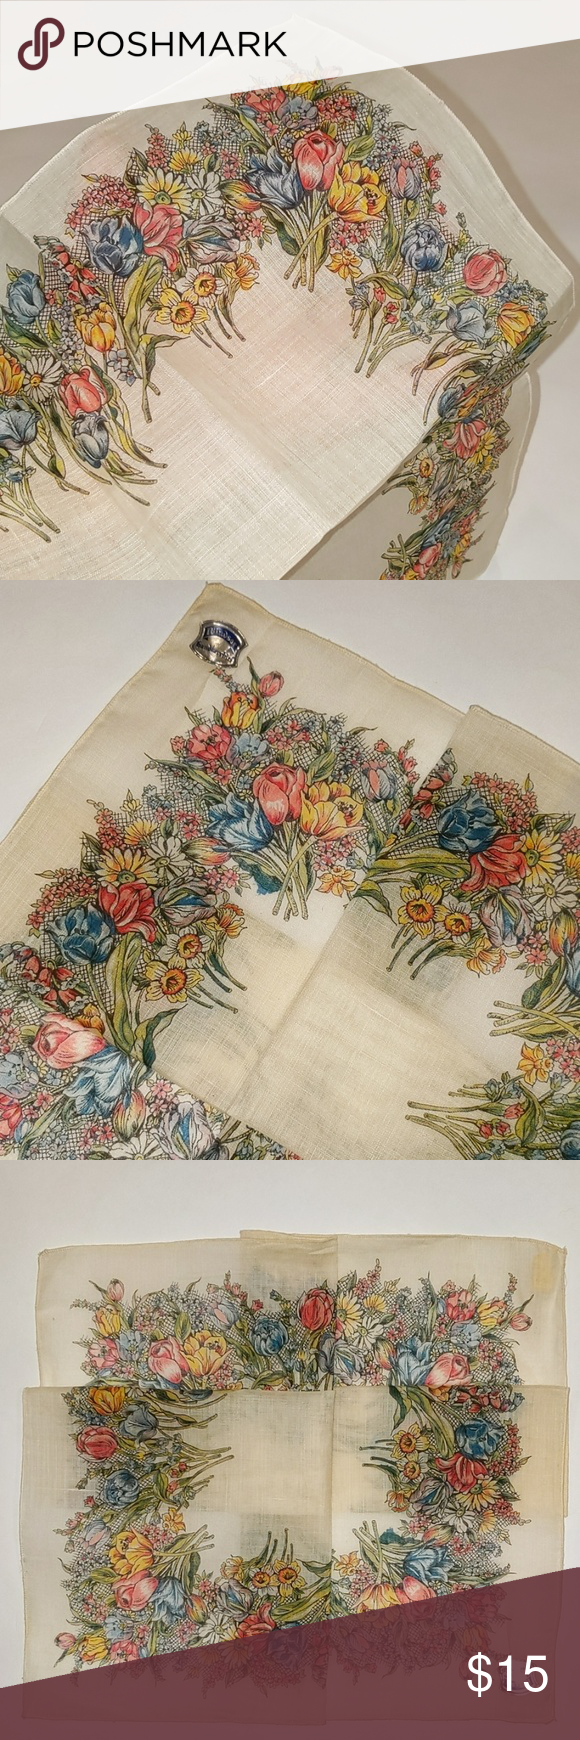 Vintage Riotous Floral Linen NOS Handkerchief Vintage